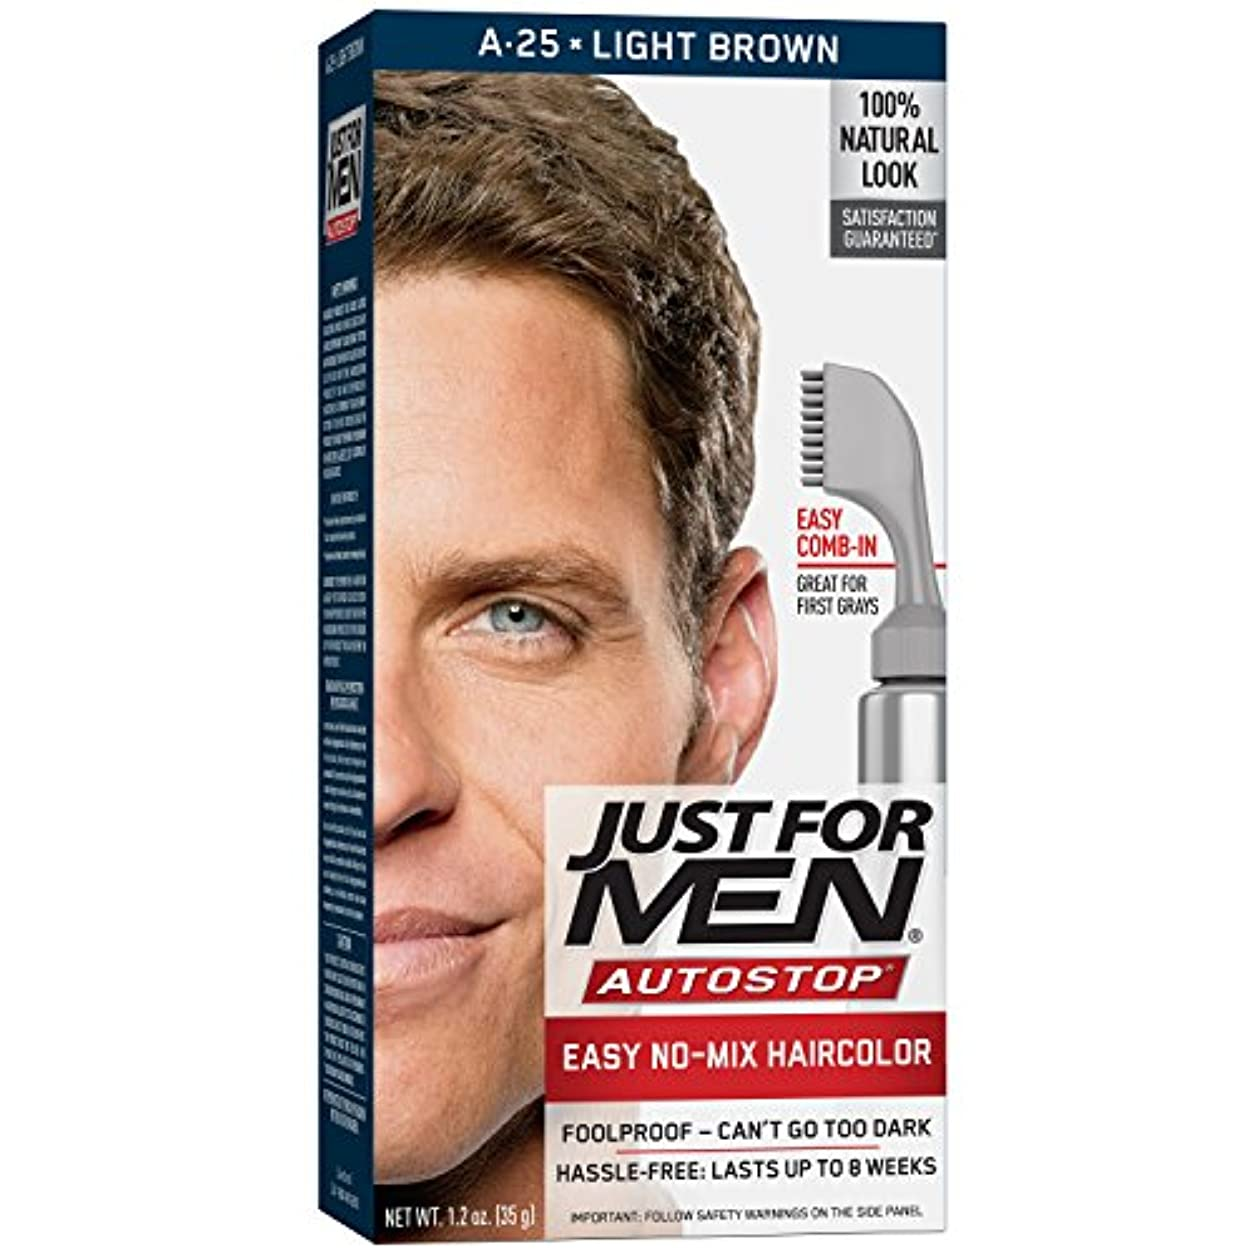 険しい星増強するJust For Men Autostop A25 Light Brown (Pack of 3) (並行輸入品)